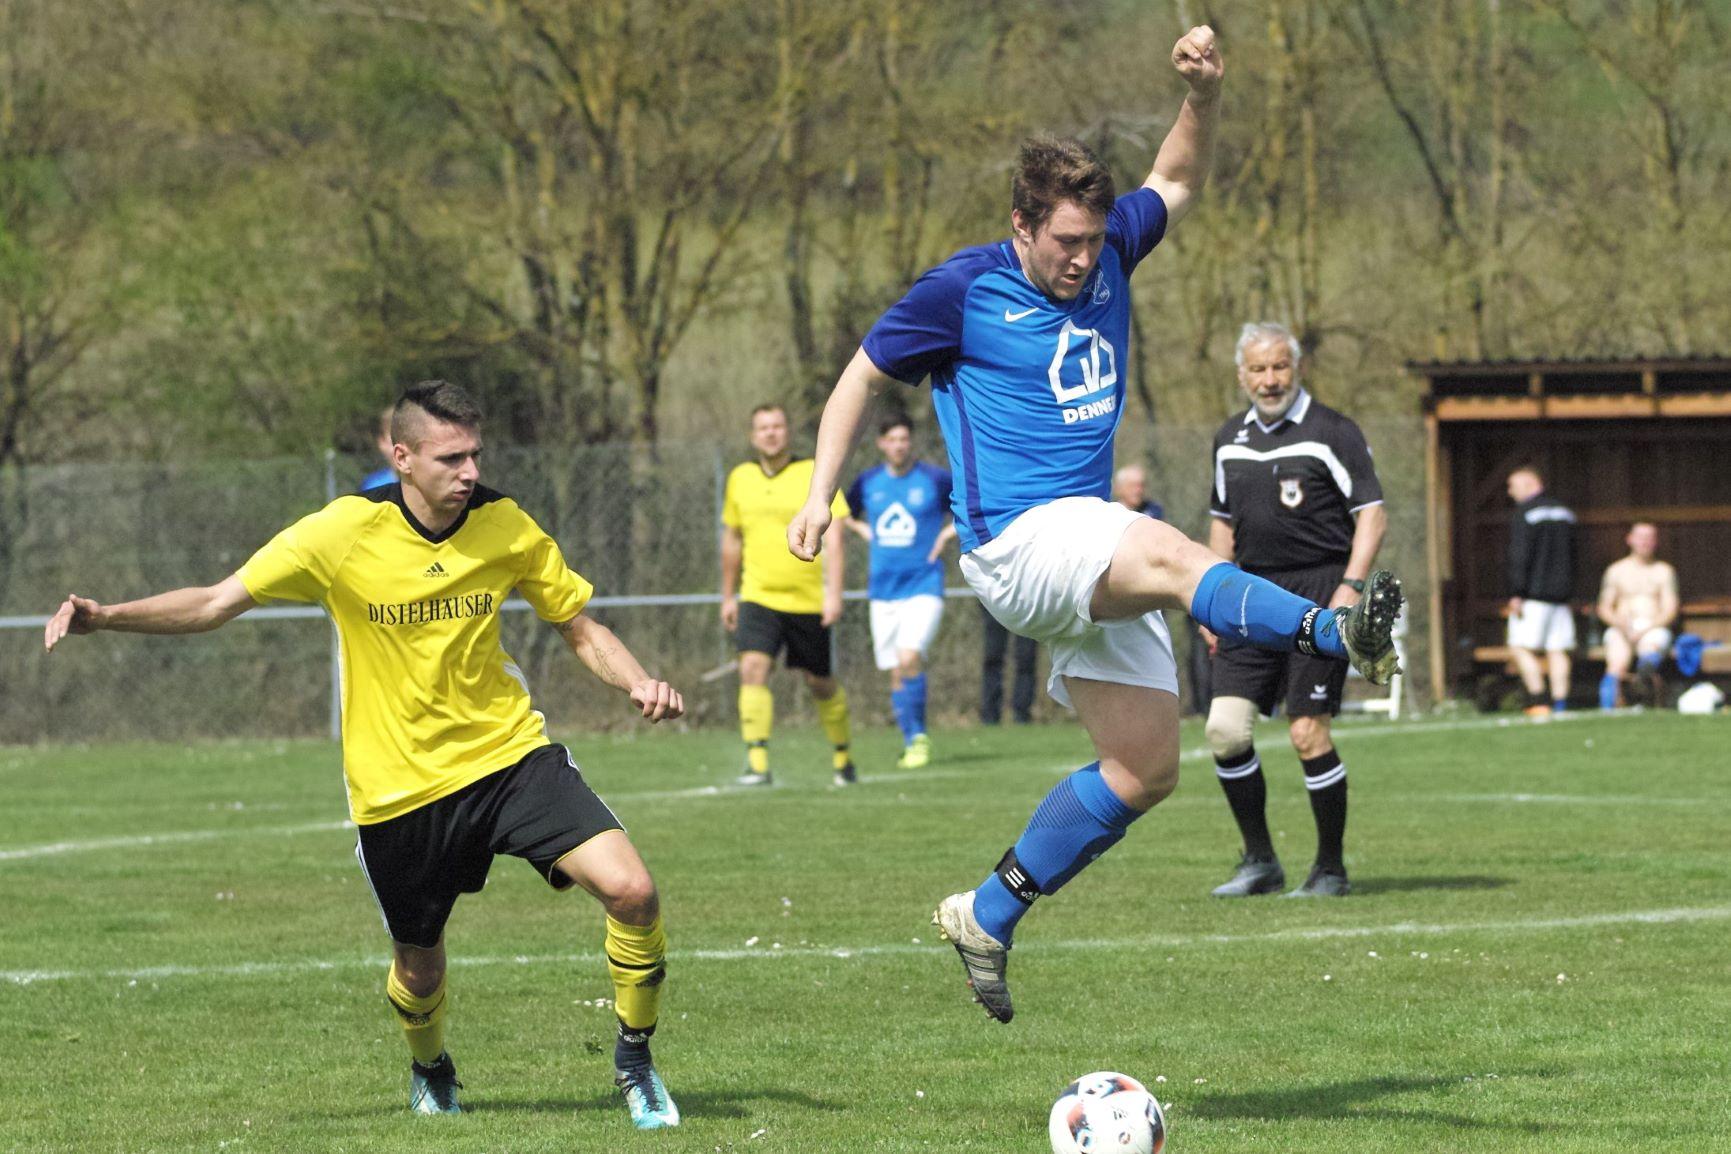 Sinnbildlich für den vergangenen Spieltag: Sven Breitwieser verpasst einen langen Ball ebenso, wie es beide Mannschaften des FCEW verpassen, Zuhause vor eigenem Publikum zu punkten.